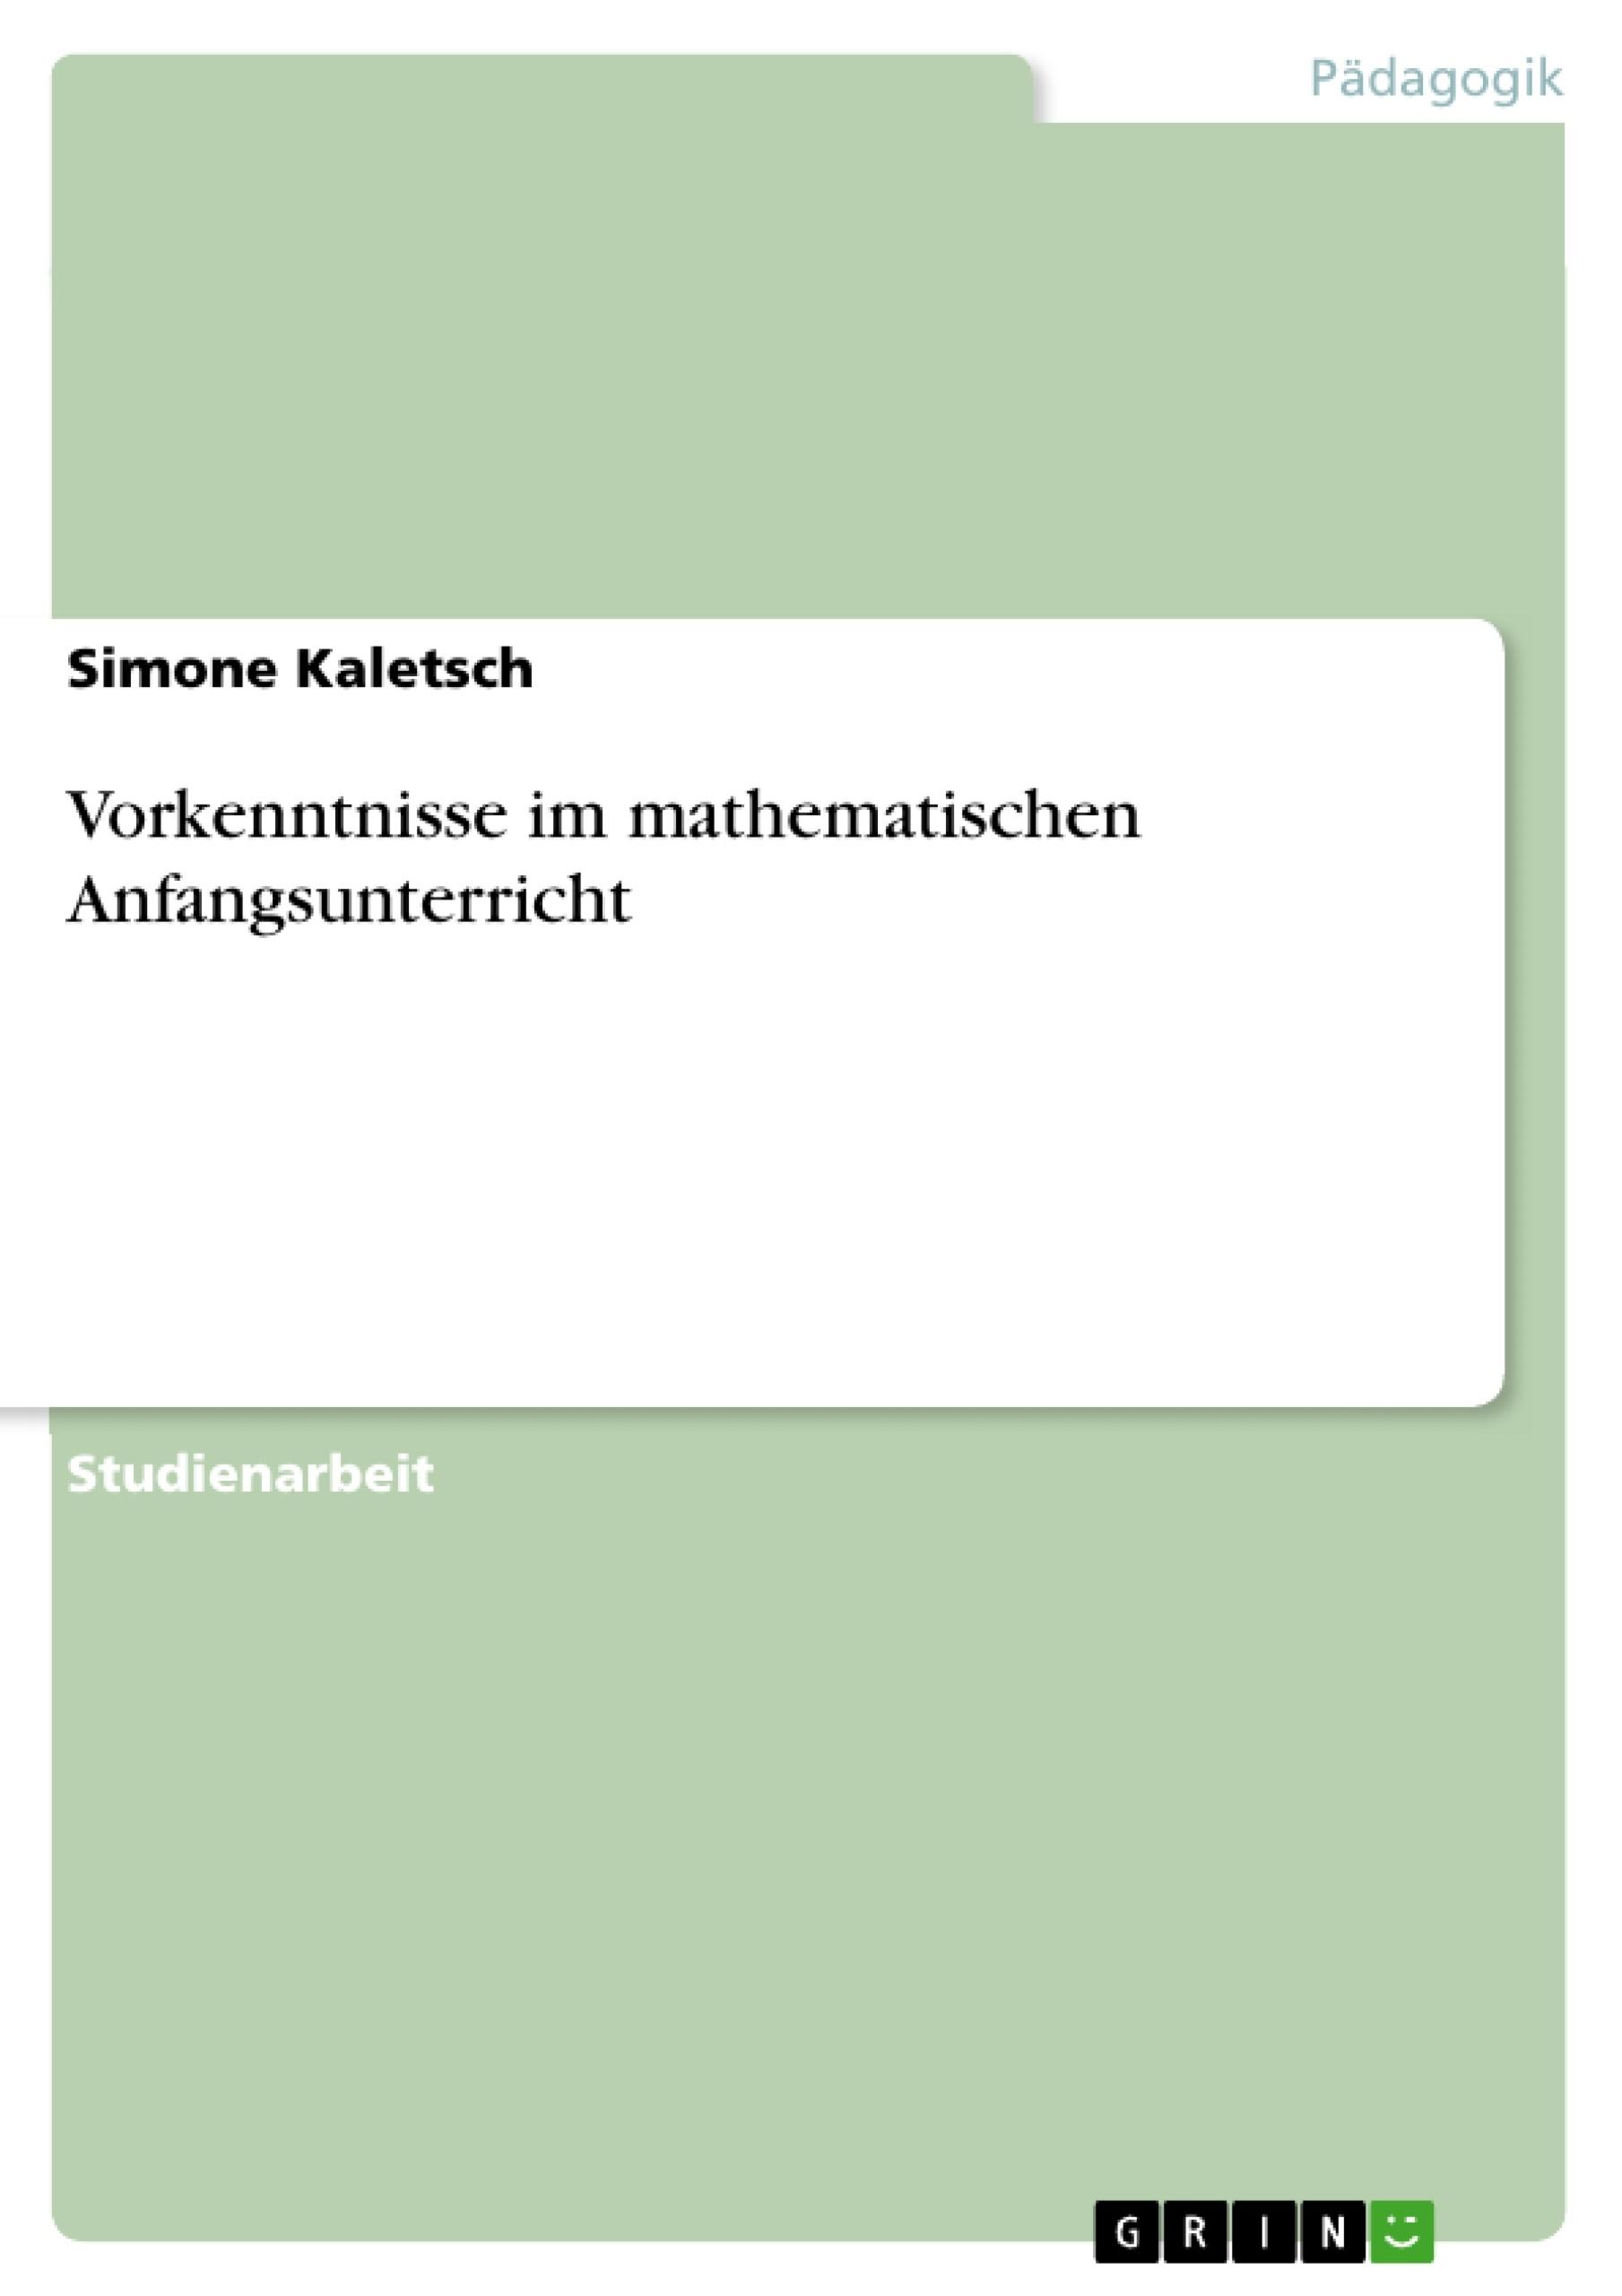 Titel: Vorkenntnisse im mathematischen Anfangsunterricht